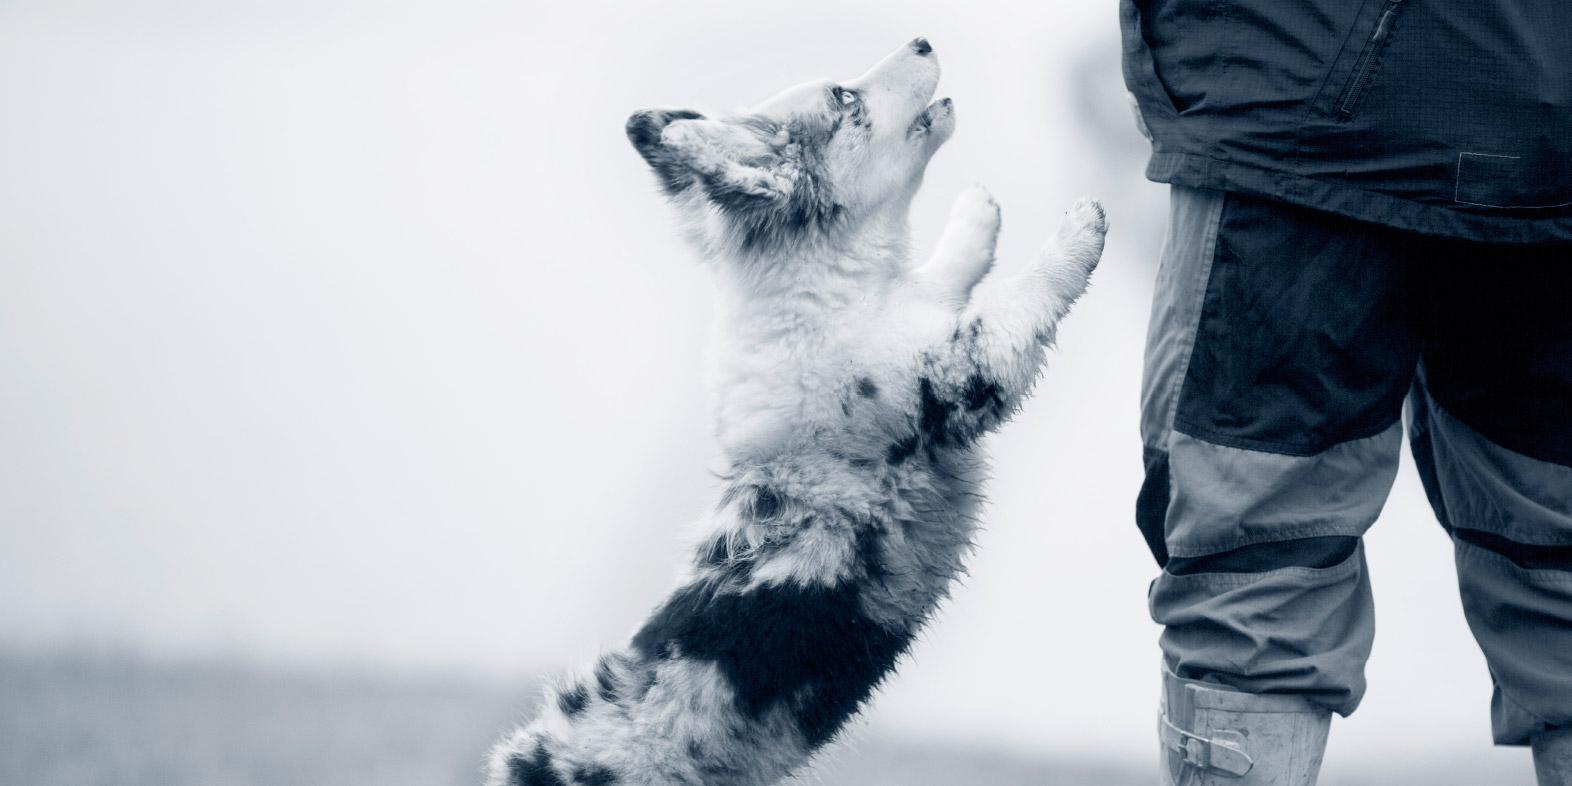 Hüftgelenksdysplasie (HD) Hund, Lahmheit, Schäferhund, Labrador, Golden Retriever | AniCura Deutschland